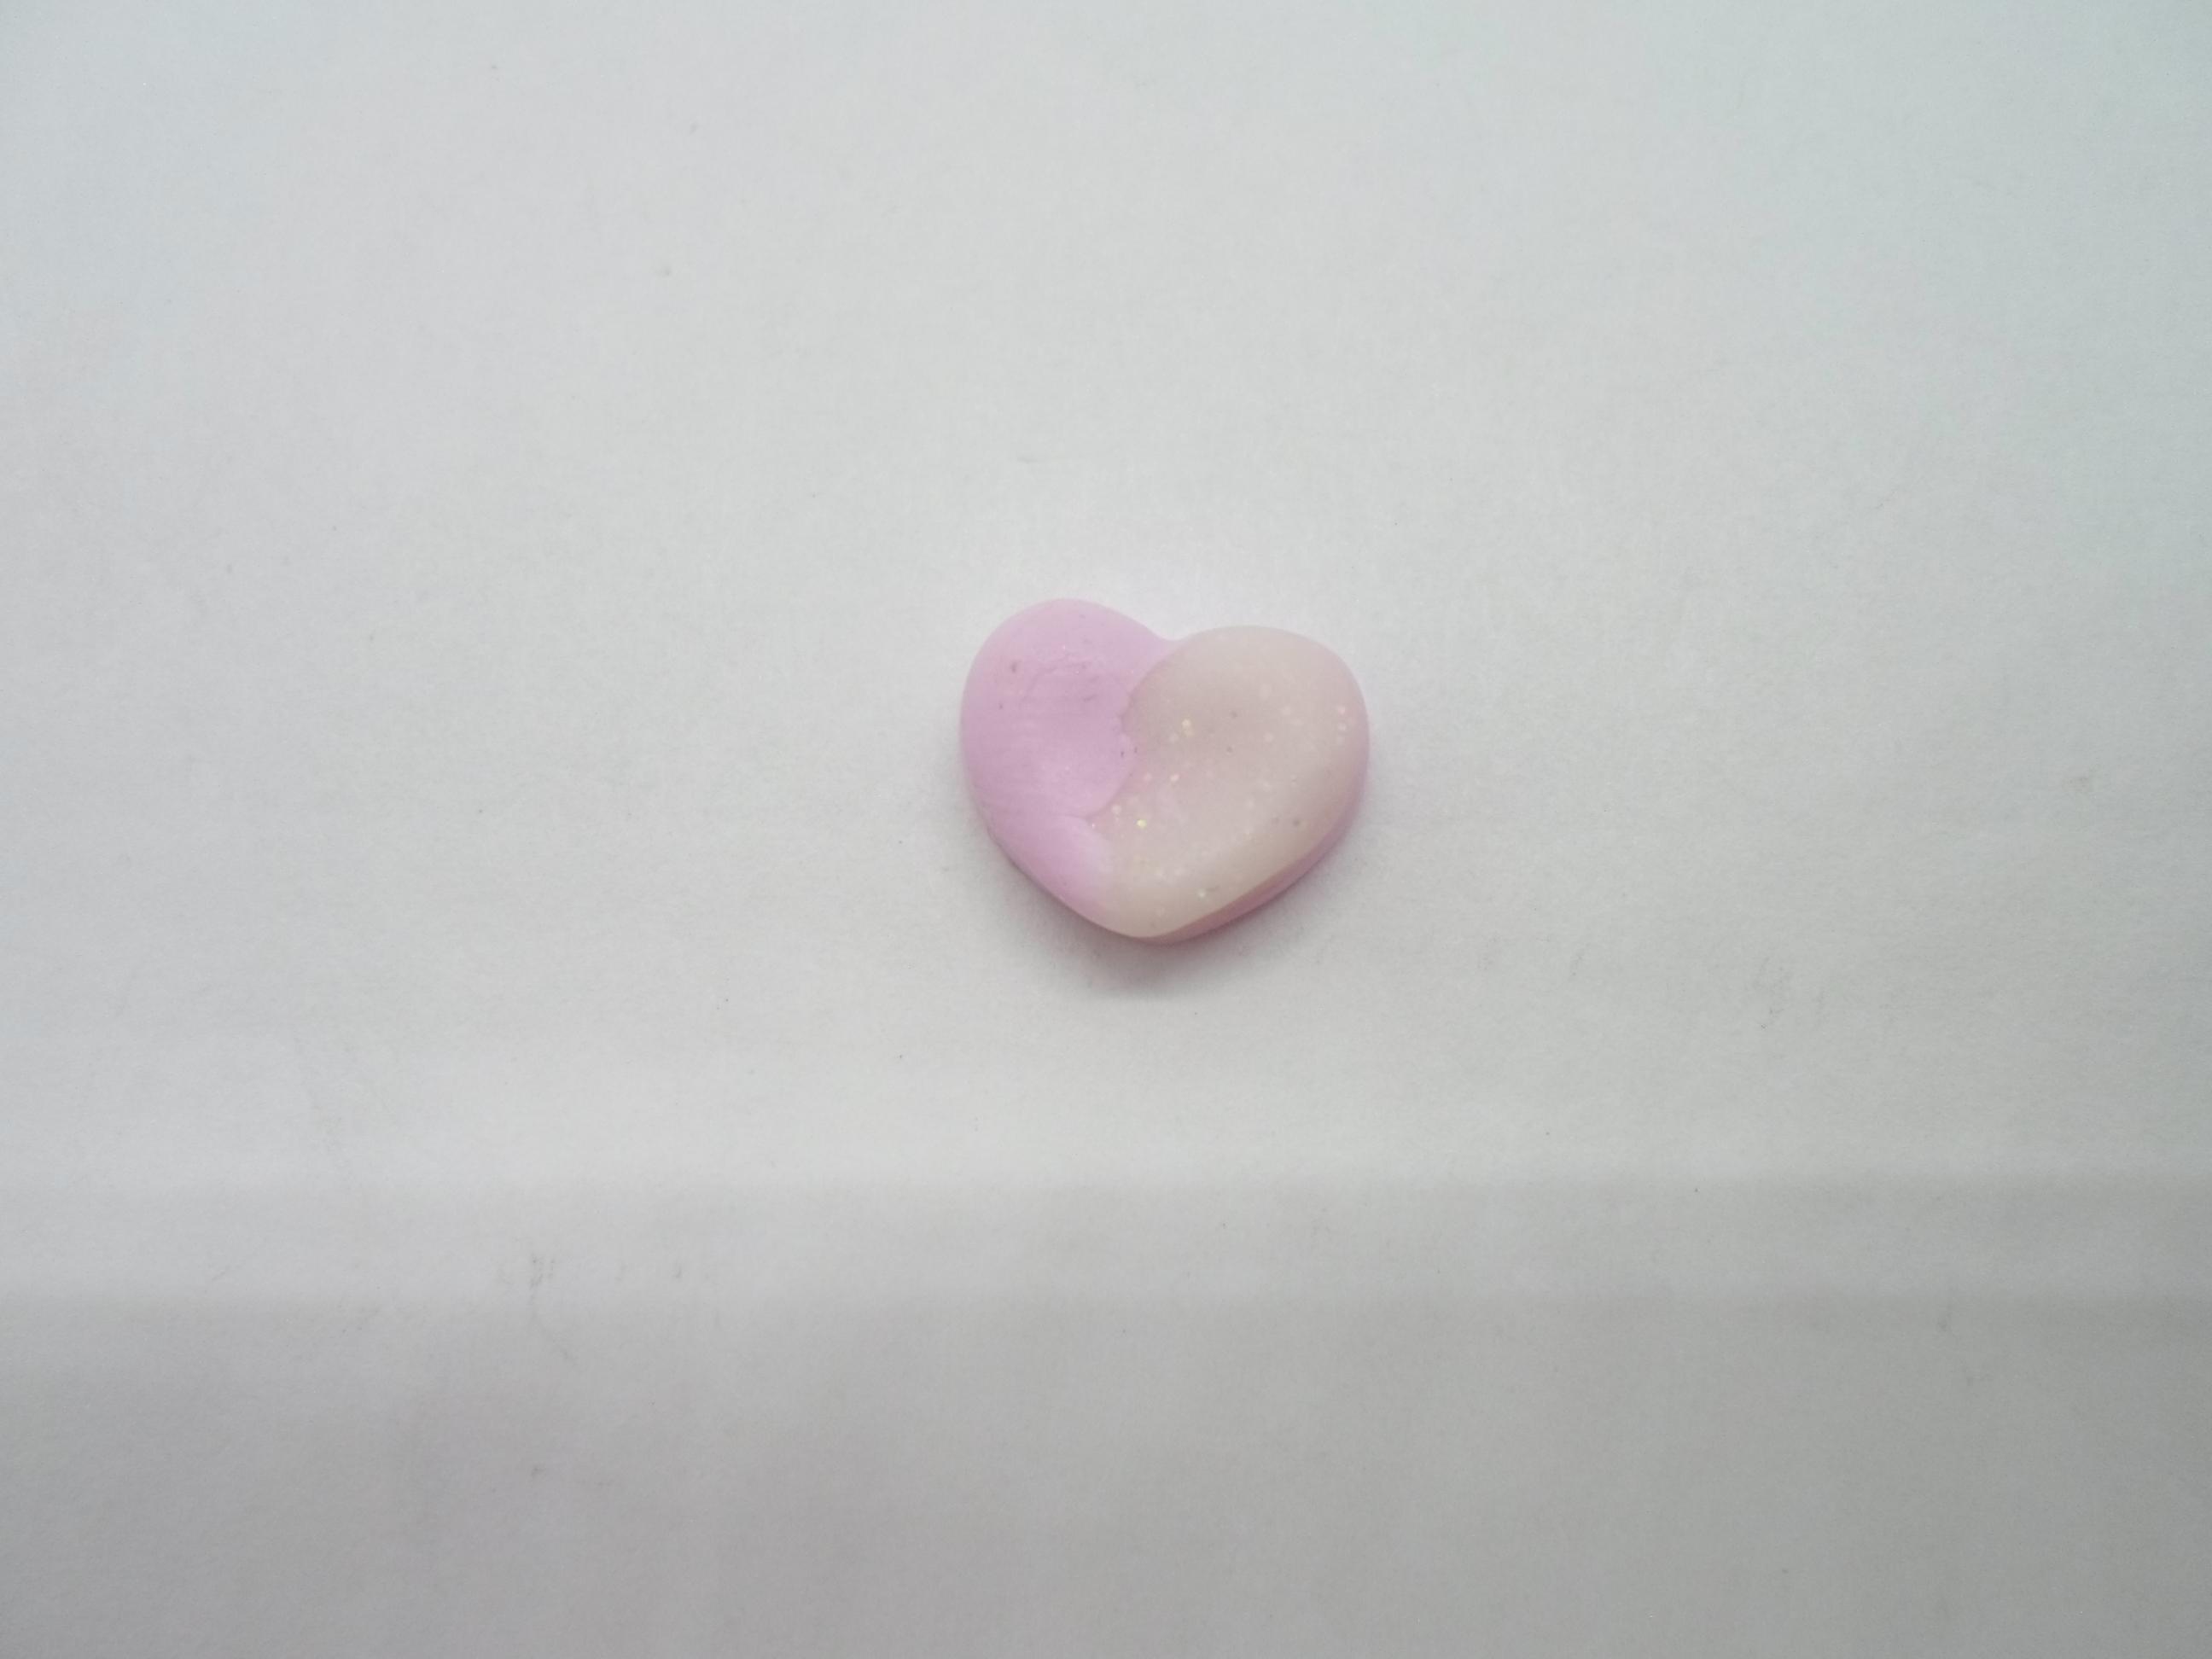 troc de troc petit cabochon coeur bicolore en fimo image 0